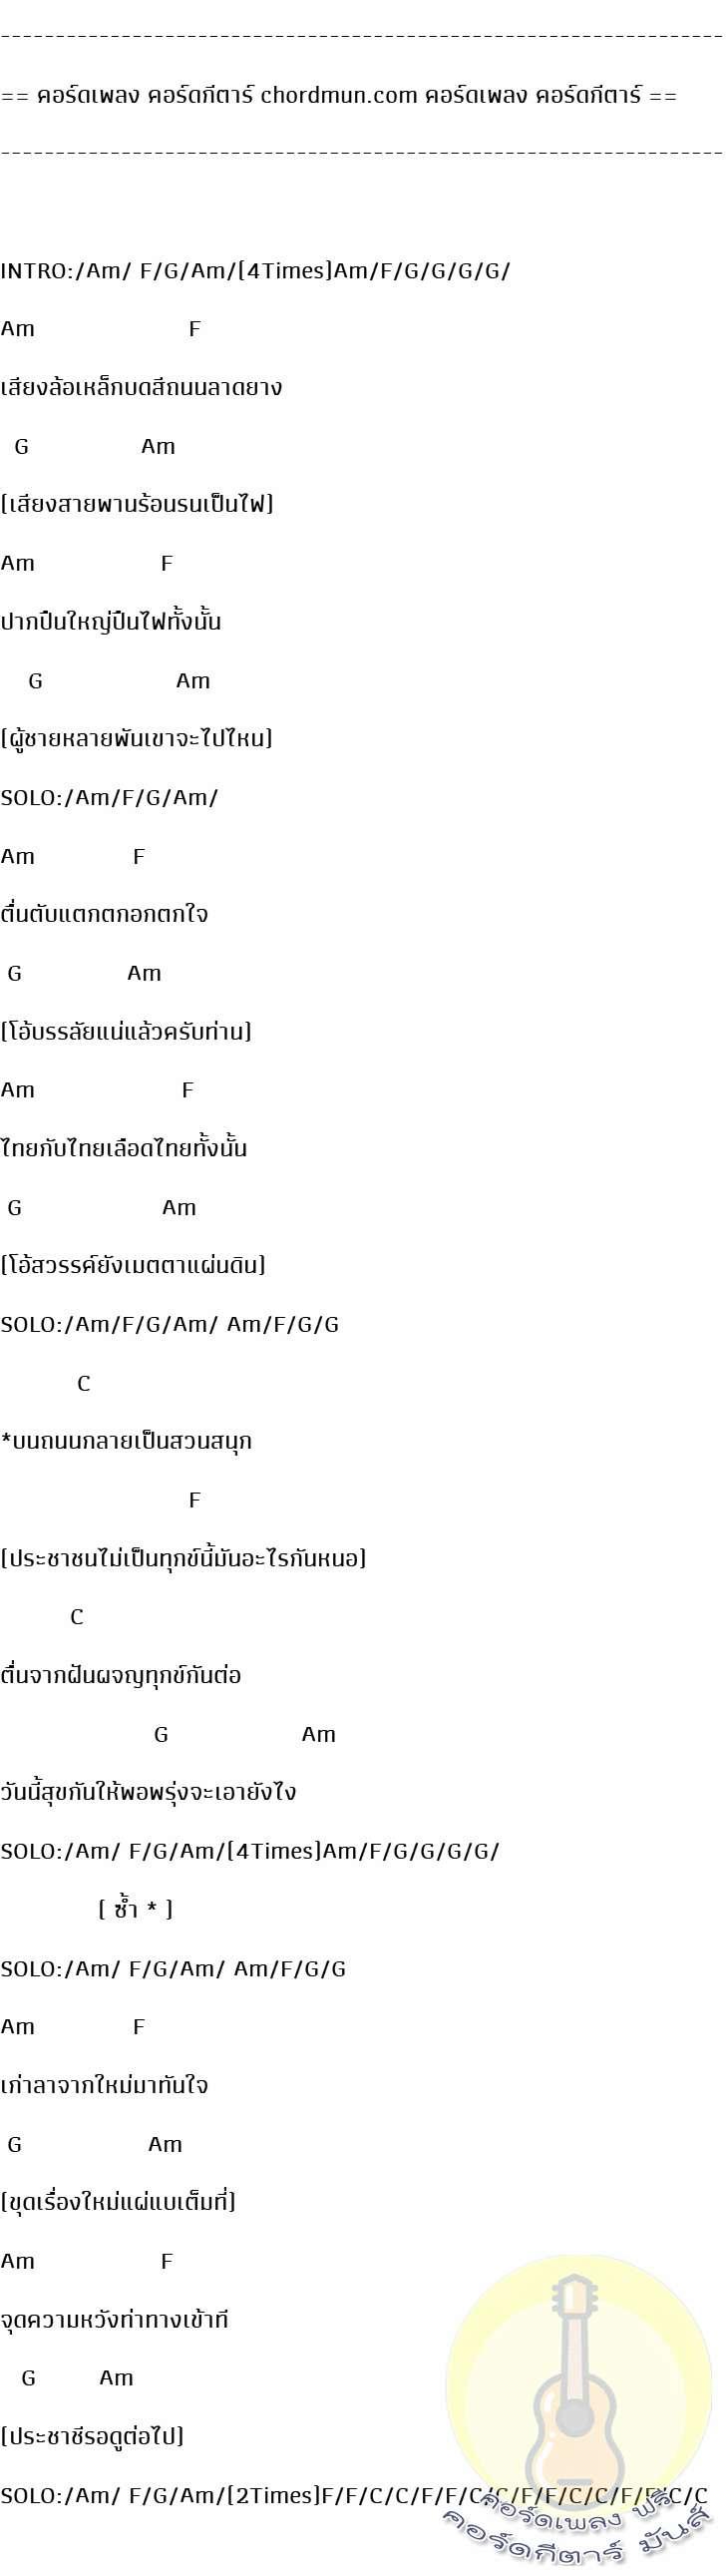 ตารางคอร์ดกีต้าร์  เพลง 19 ก.ย. 49 (สวนสนุก)